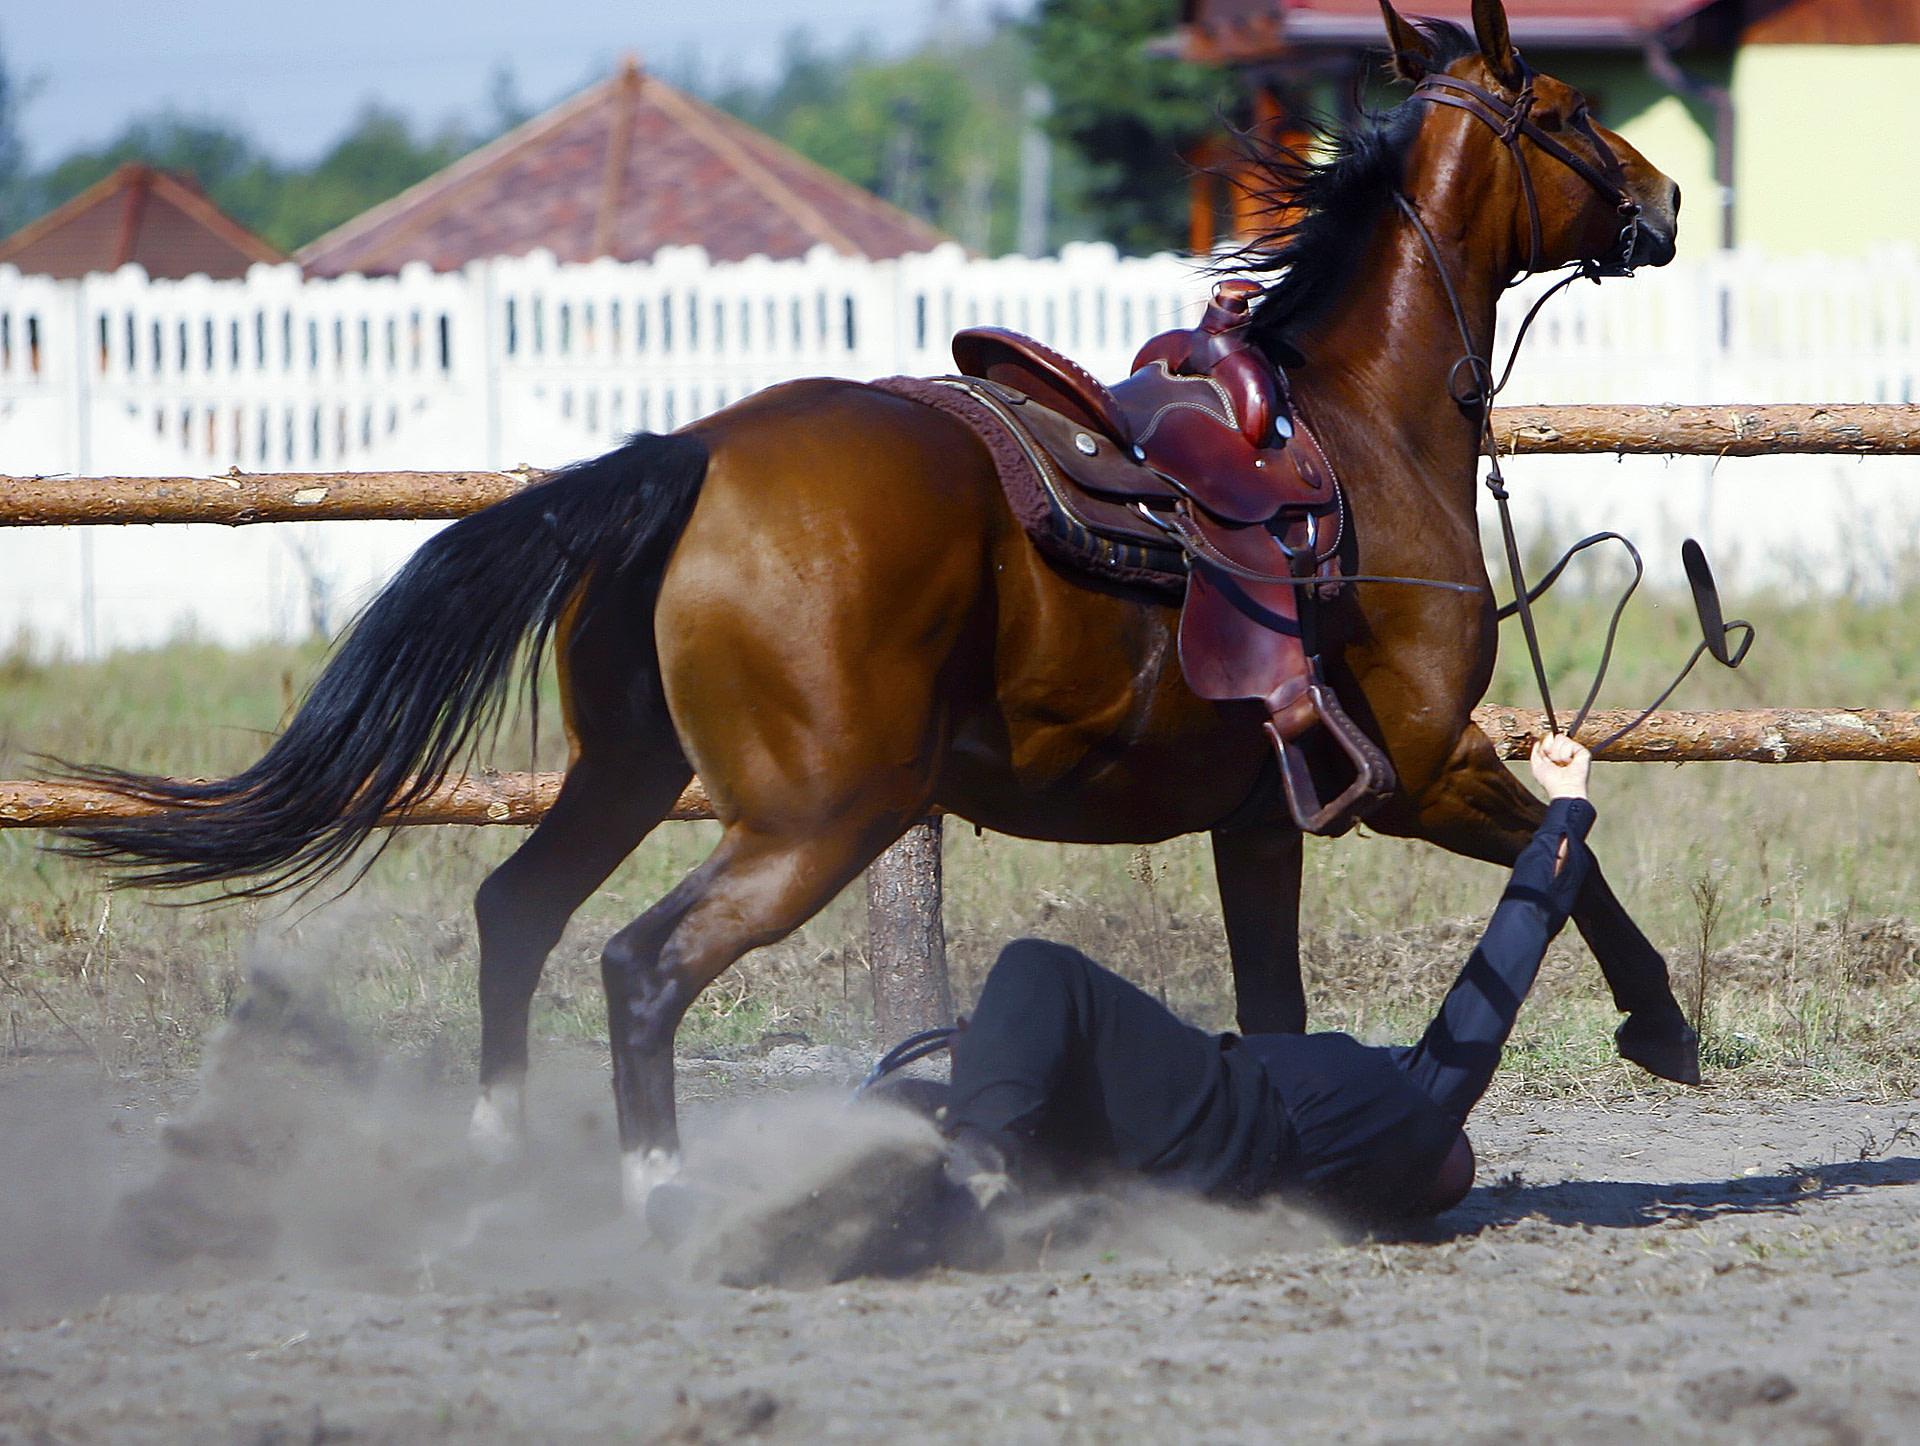 Sturz vom Pferd - Reitunfälle können durch eine gute